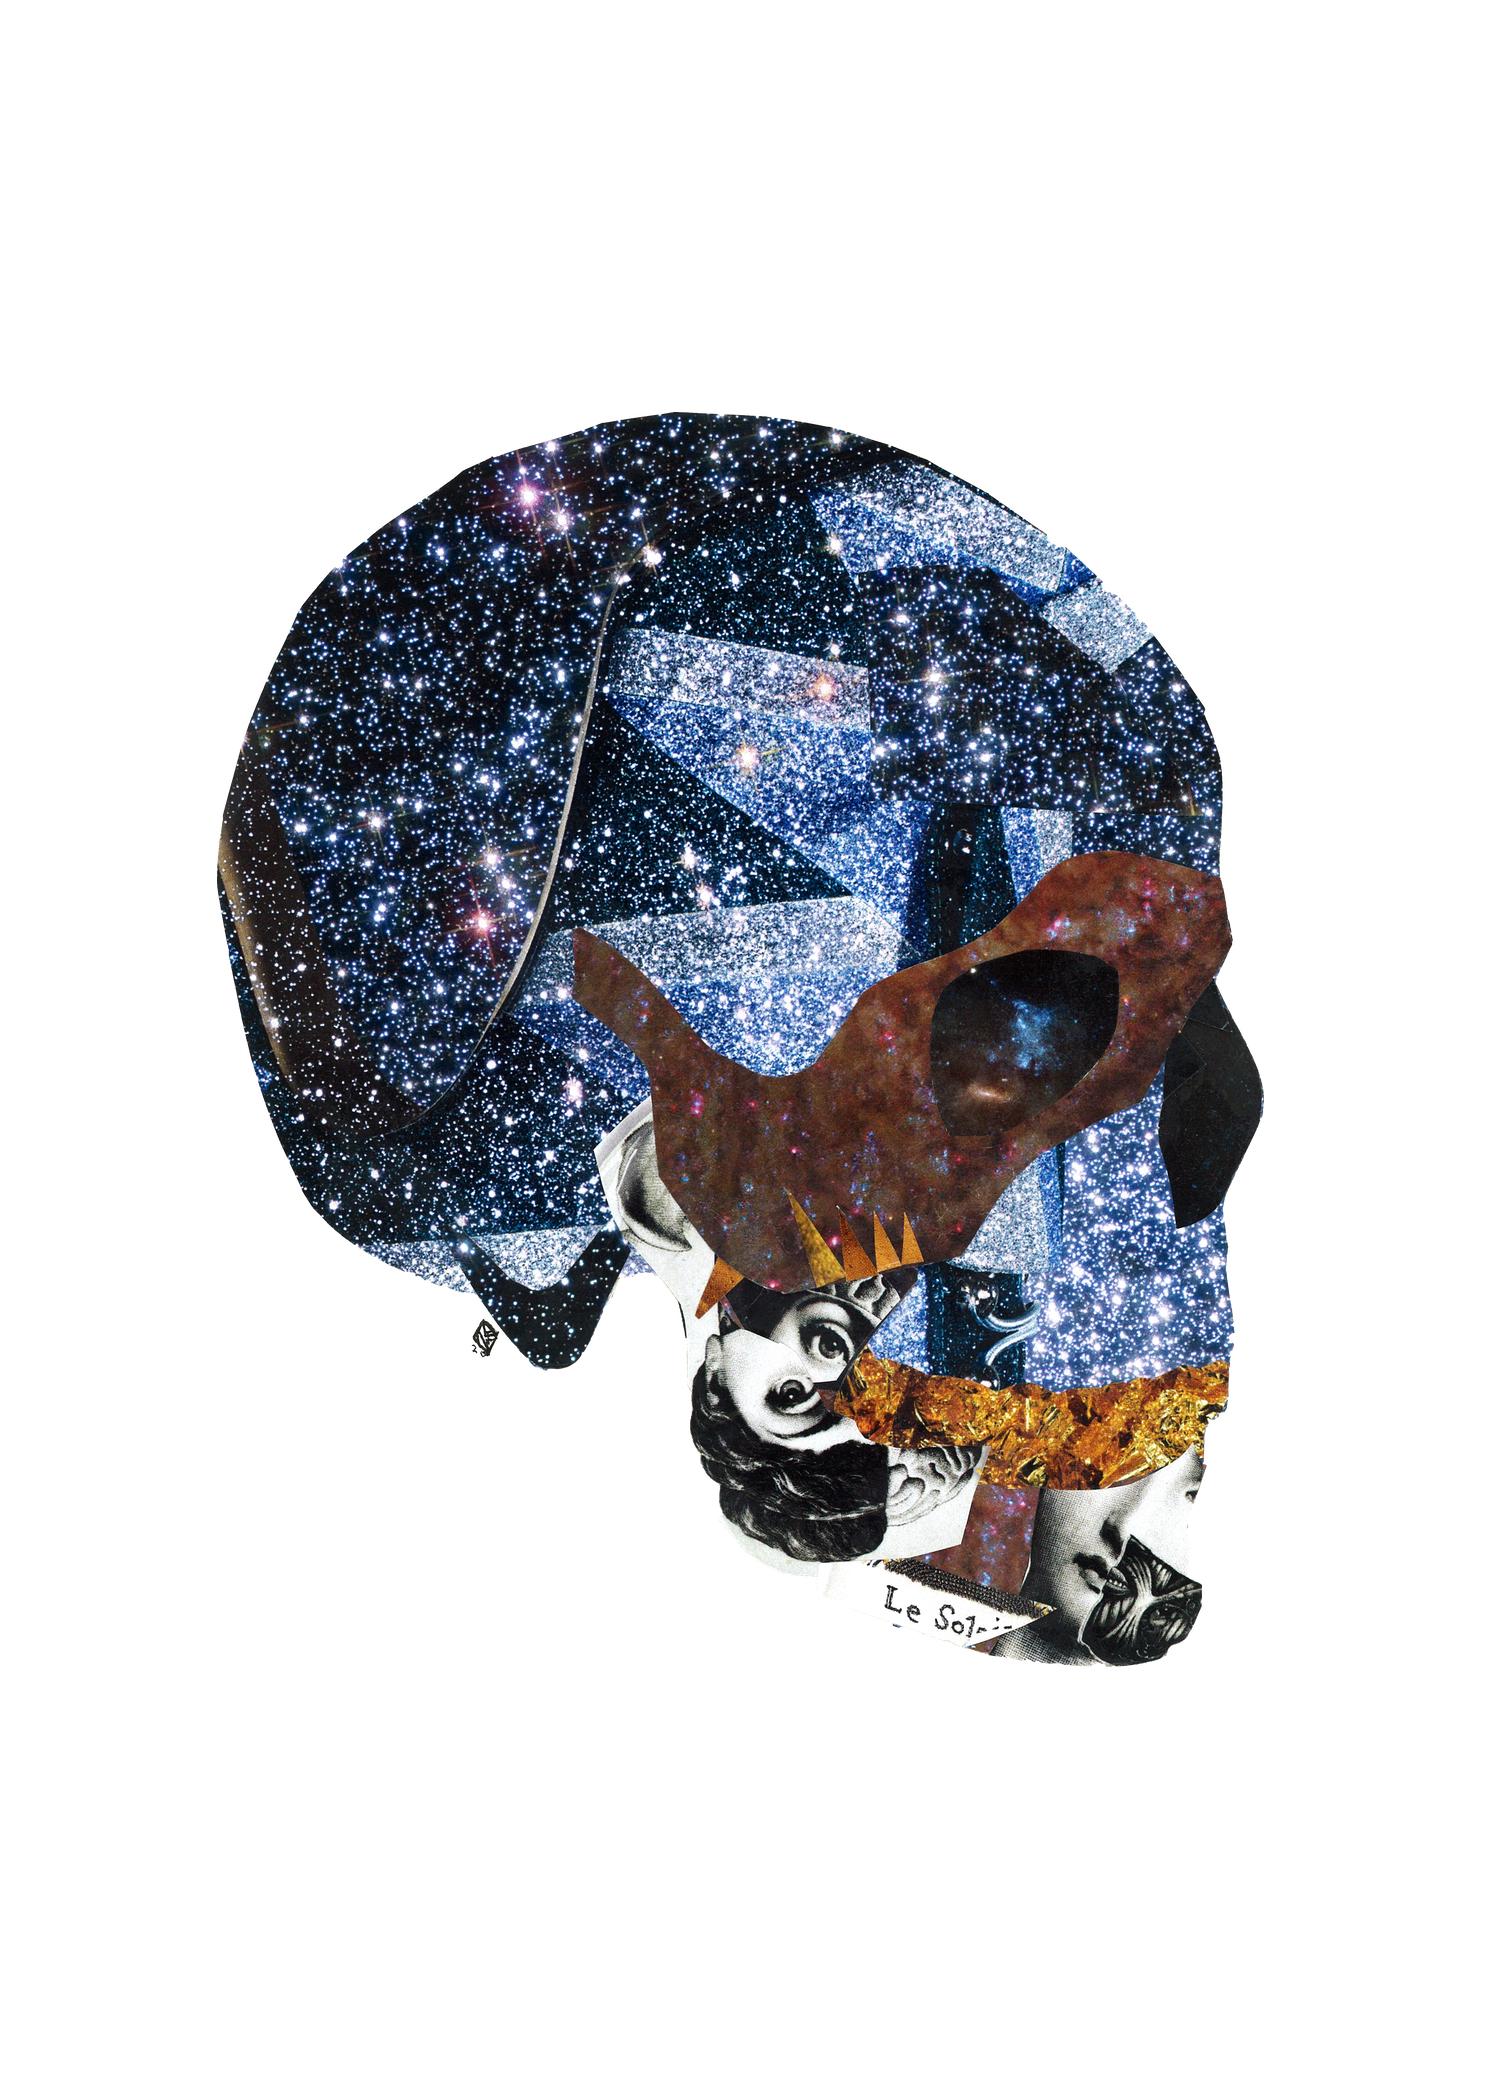 Celestial Skull, 11x14, 2018